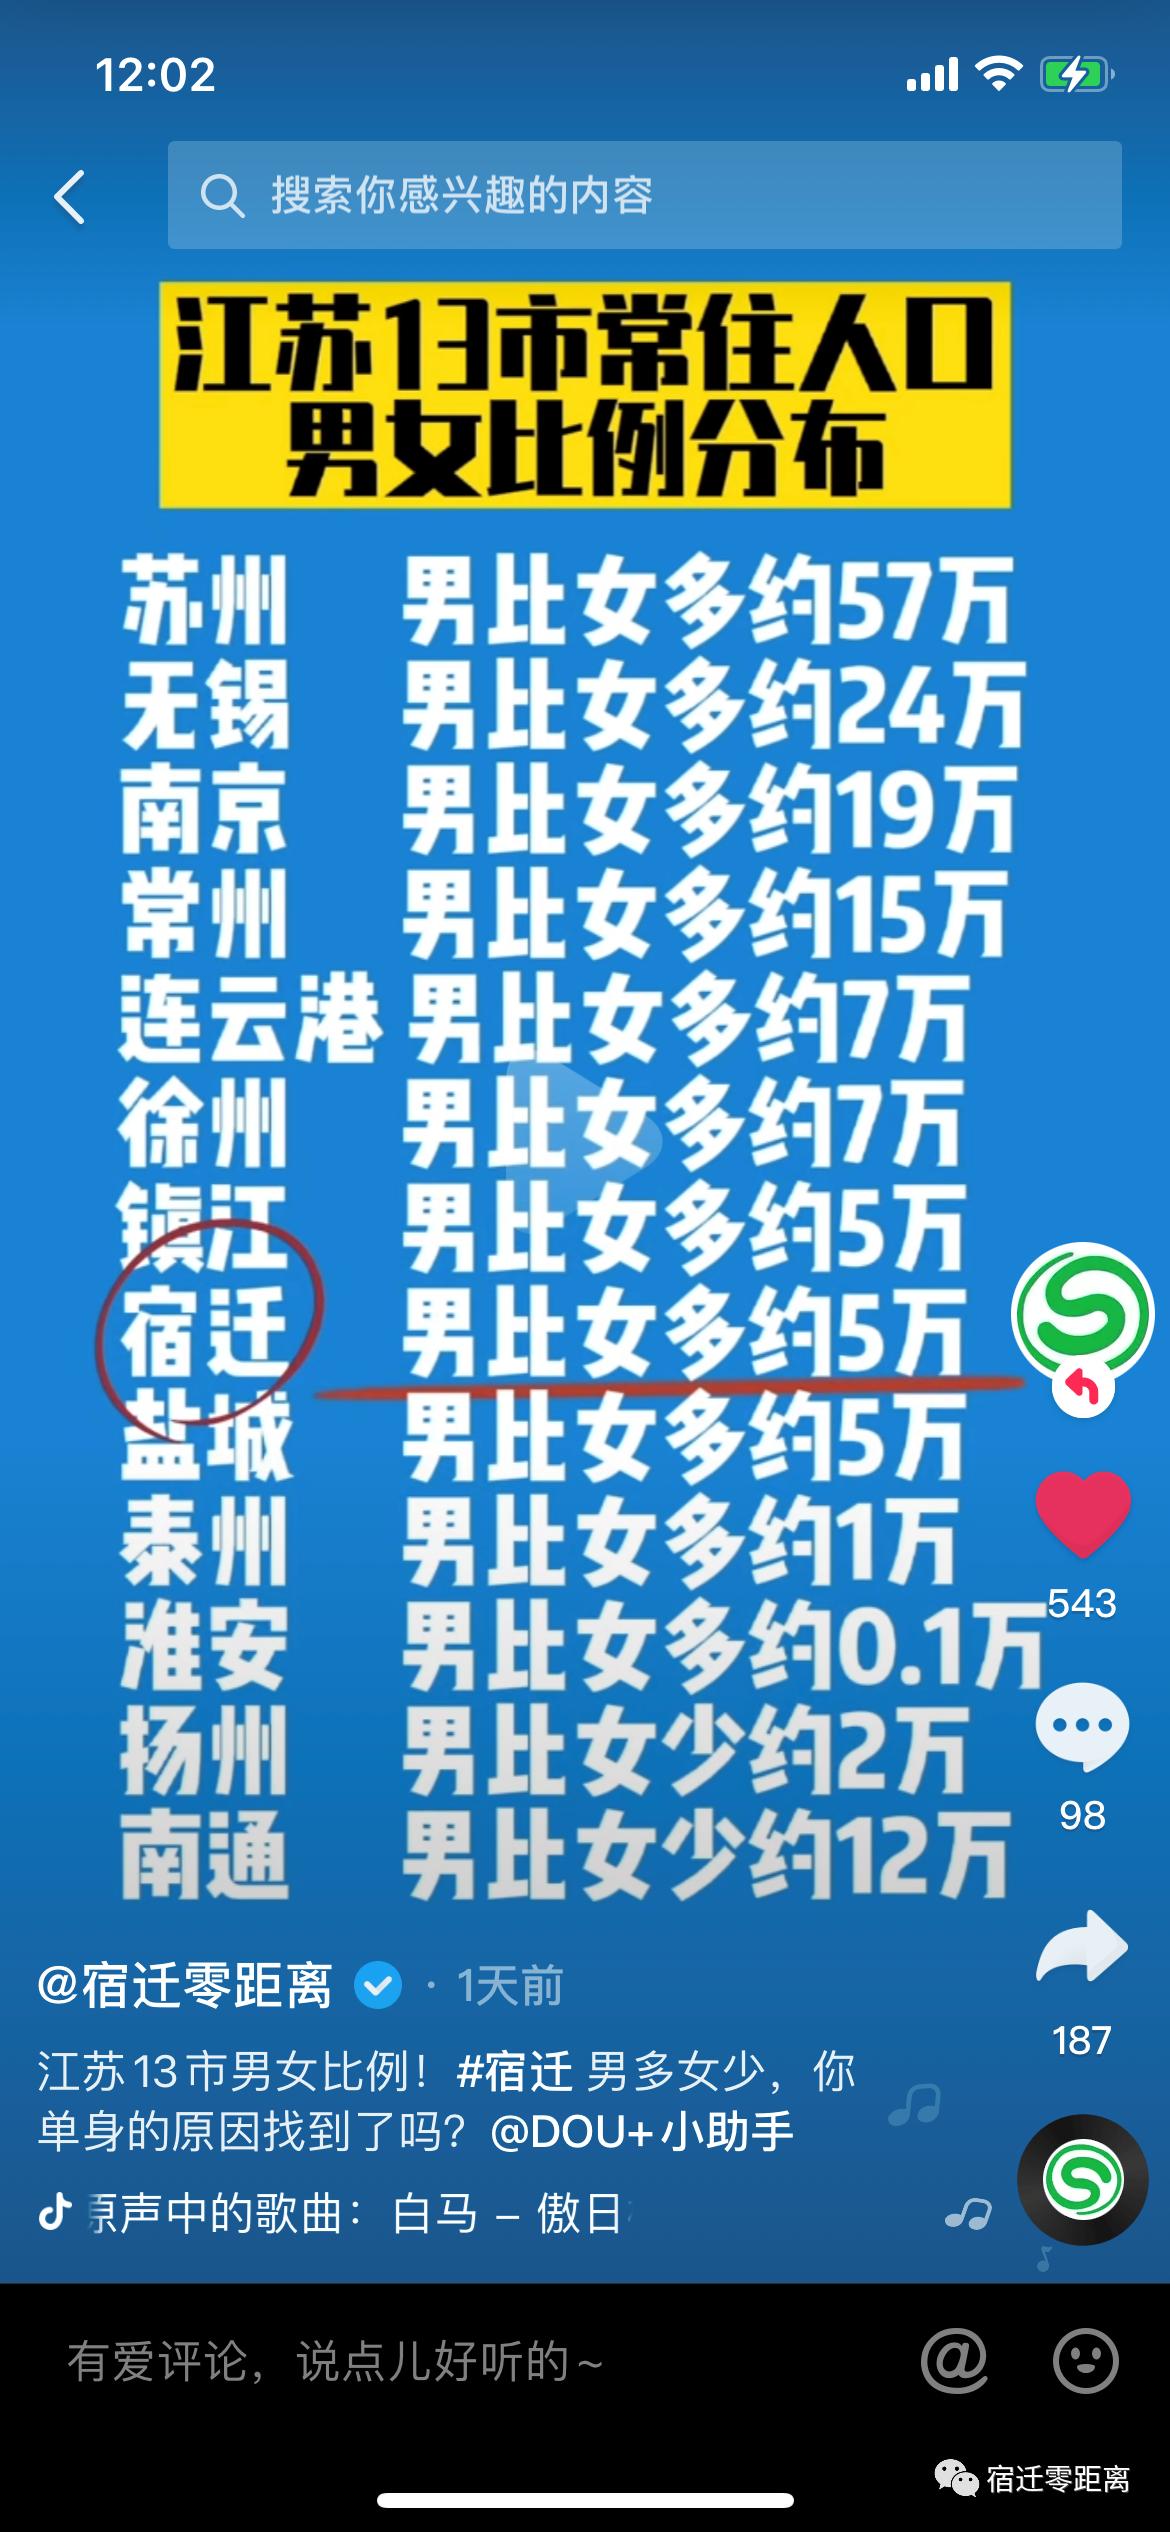 沭阳单身男子多的原因找到了!江苏13市男女比例公布!